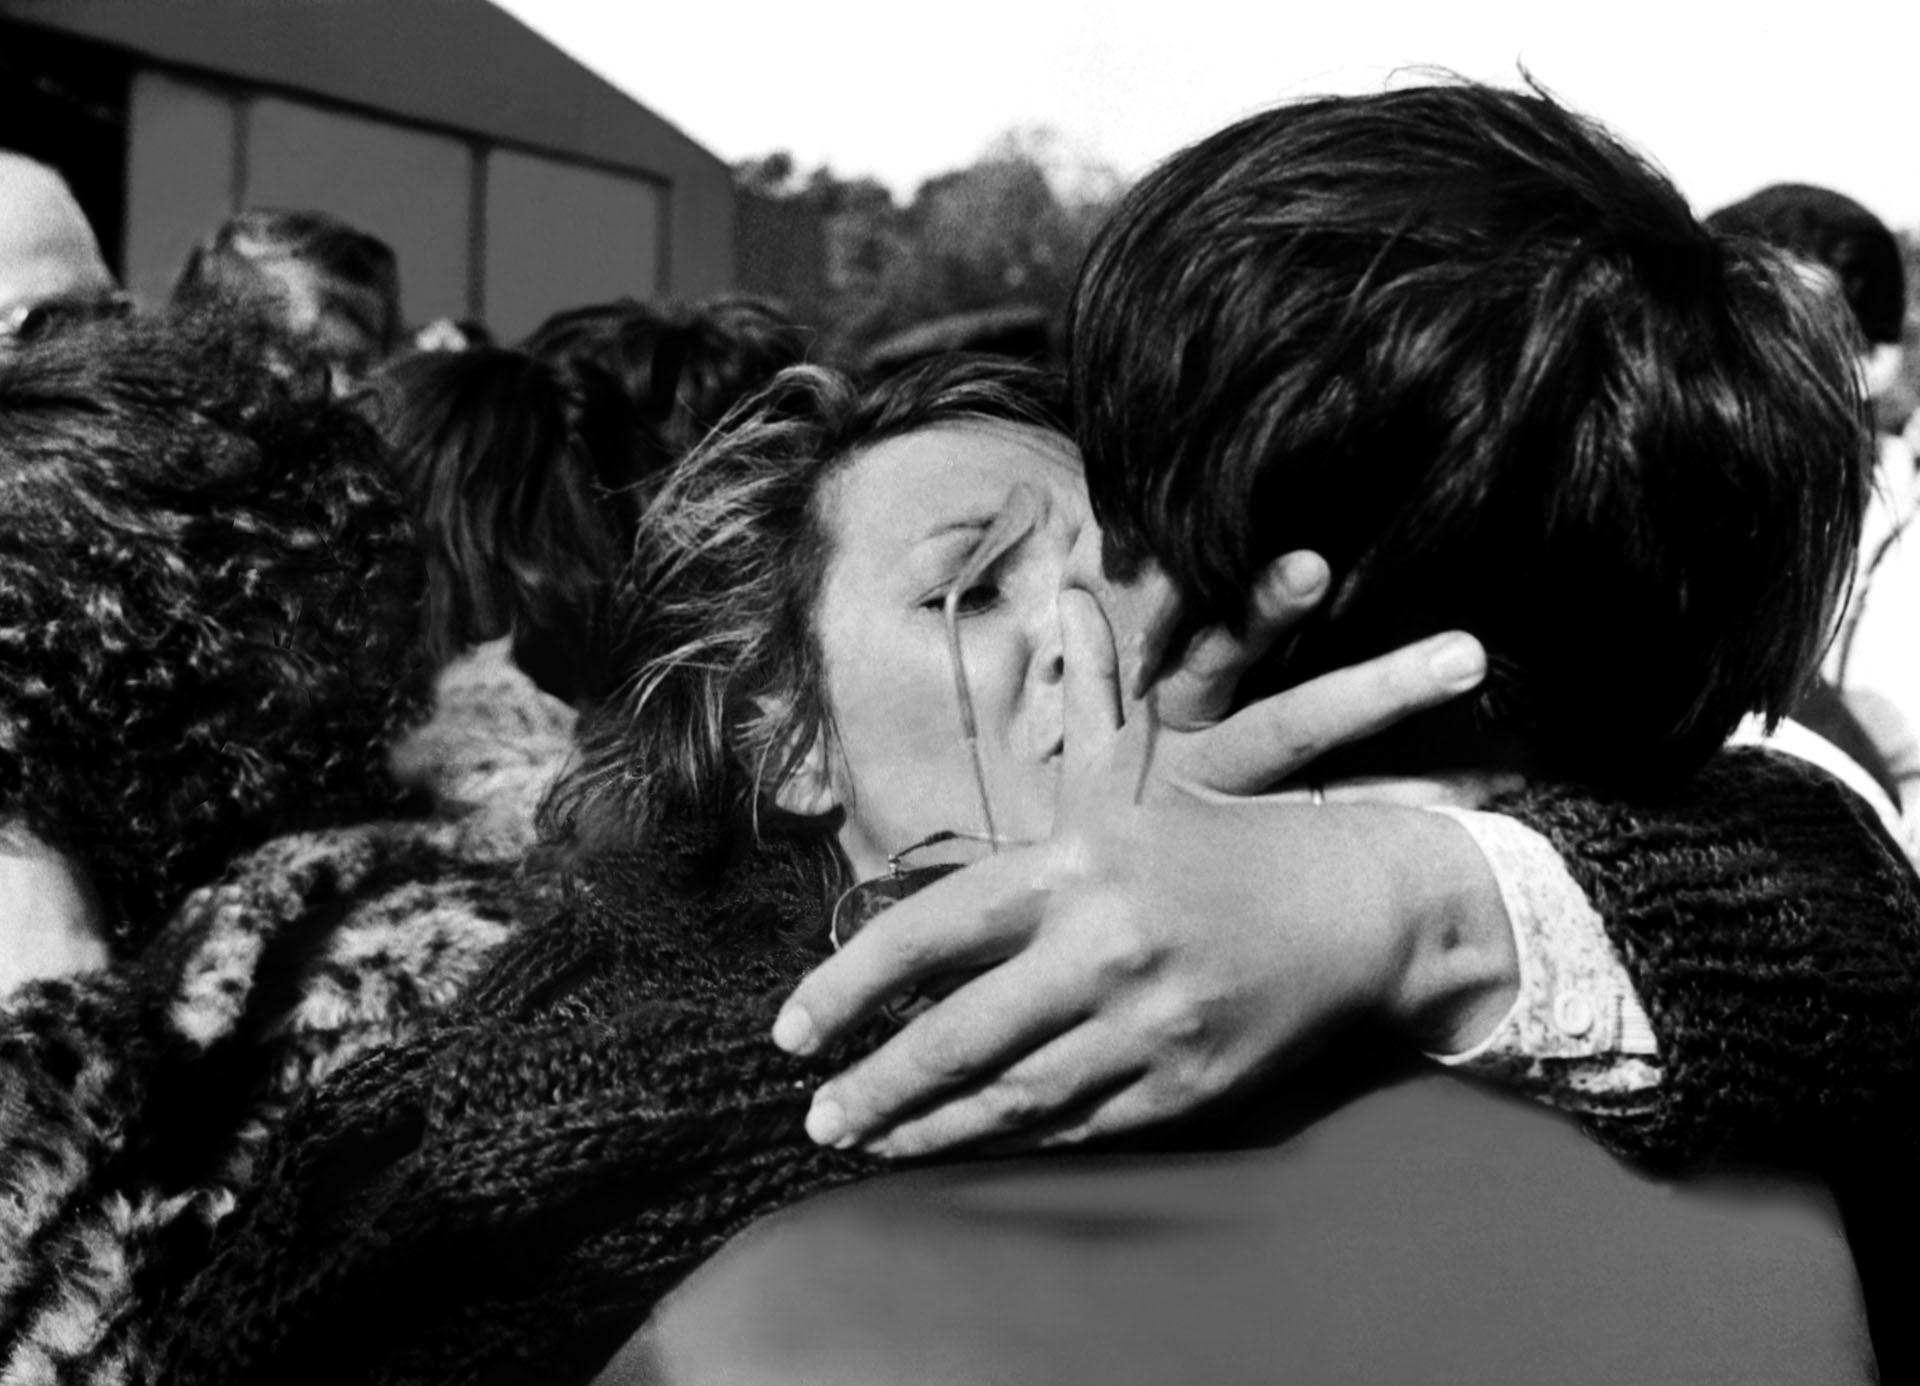 La emotiva despedida de un soldado que parte hacia las islas (Foto: Juan Sandoval).